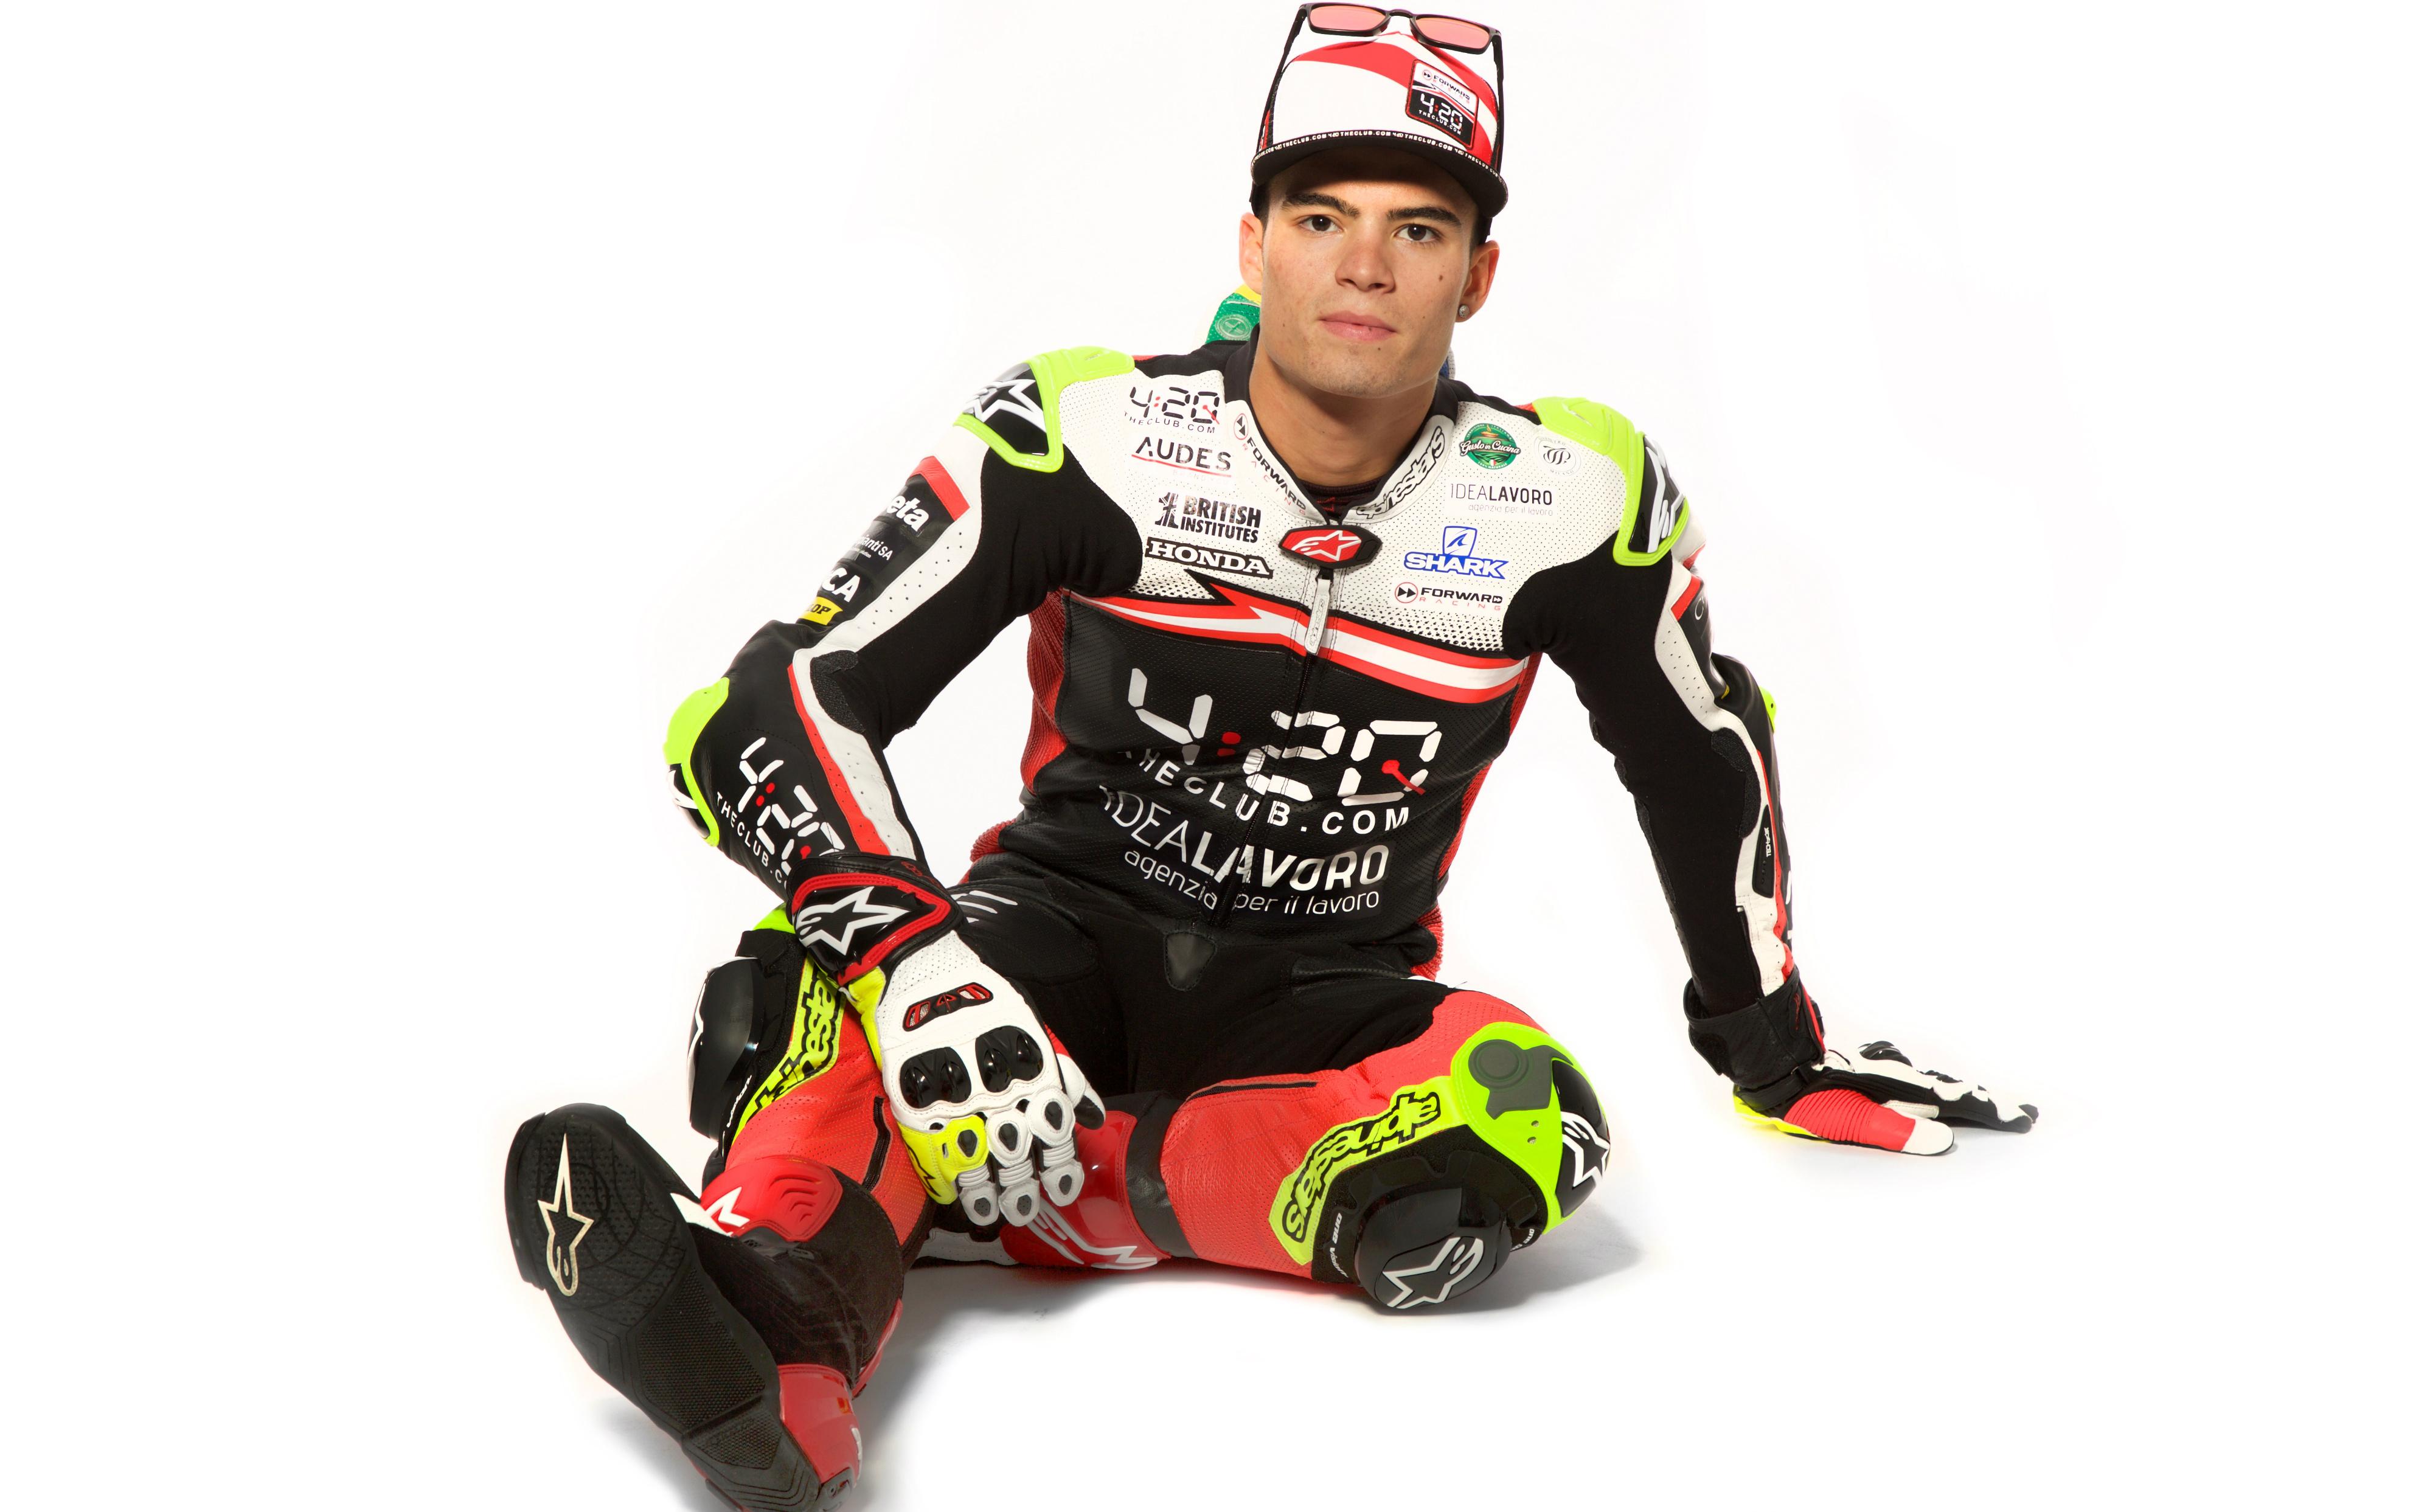 Eric Granado Motovelocidade